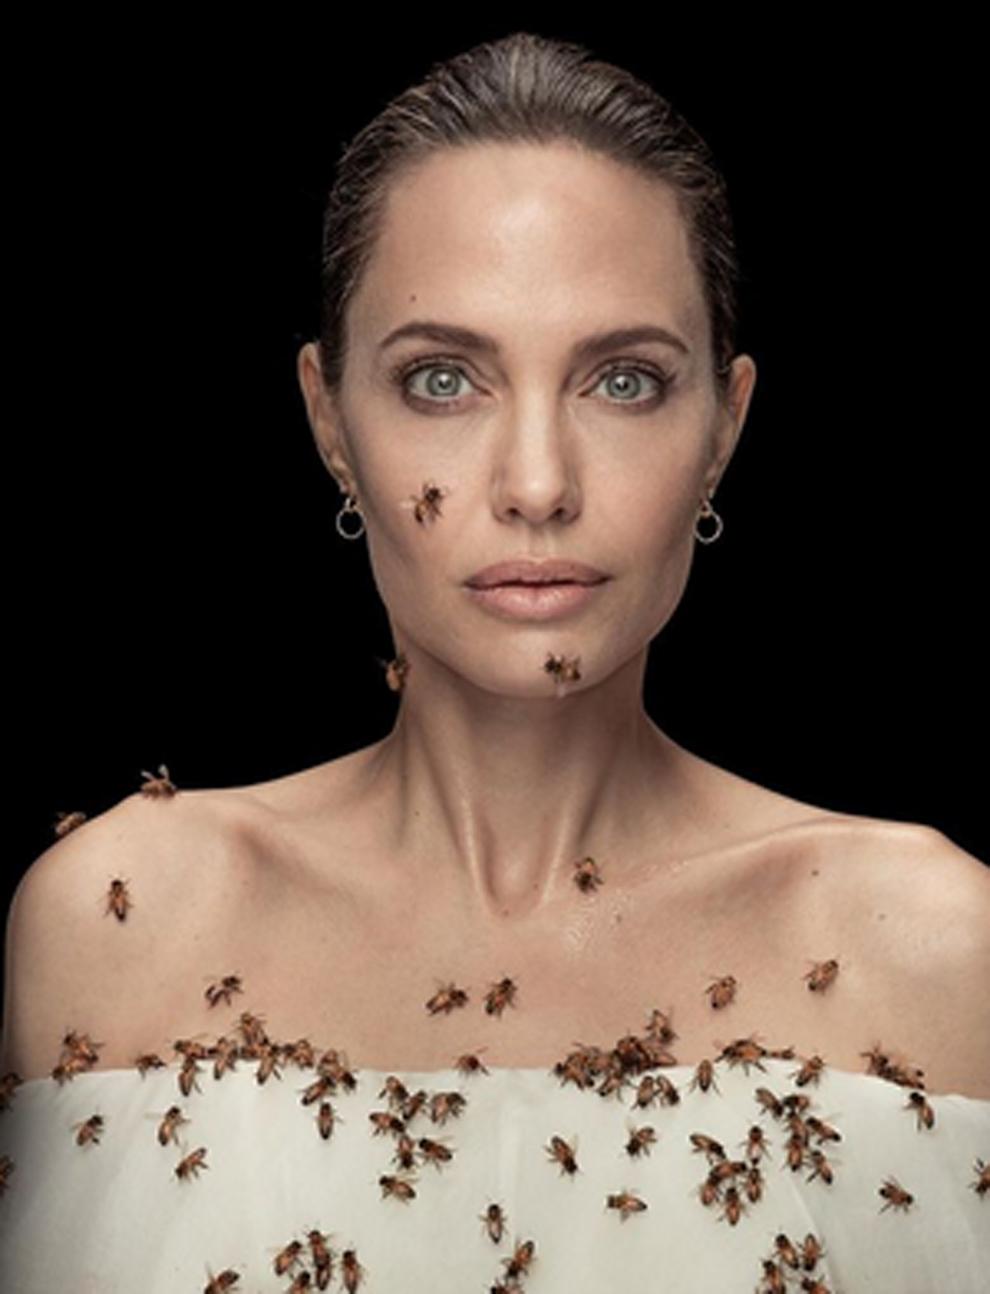 Angelina Jolie cubre su cuerpo con abejas: tres días sin ducharse para aguantar 18 minutos sin picaduras